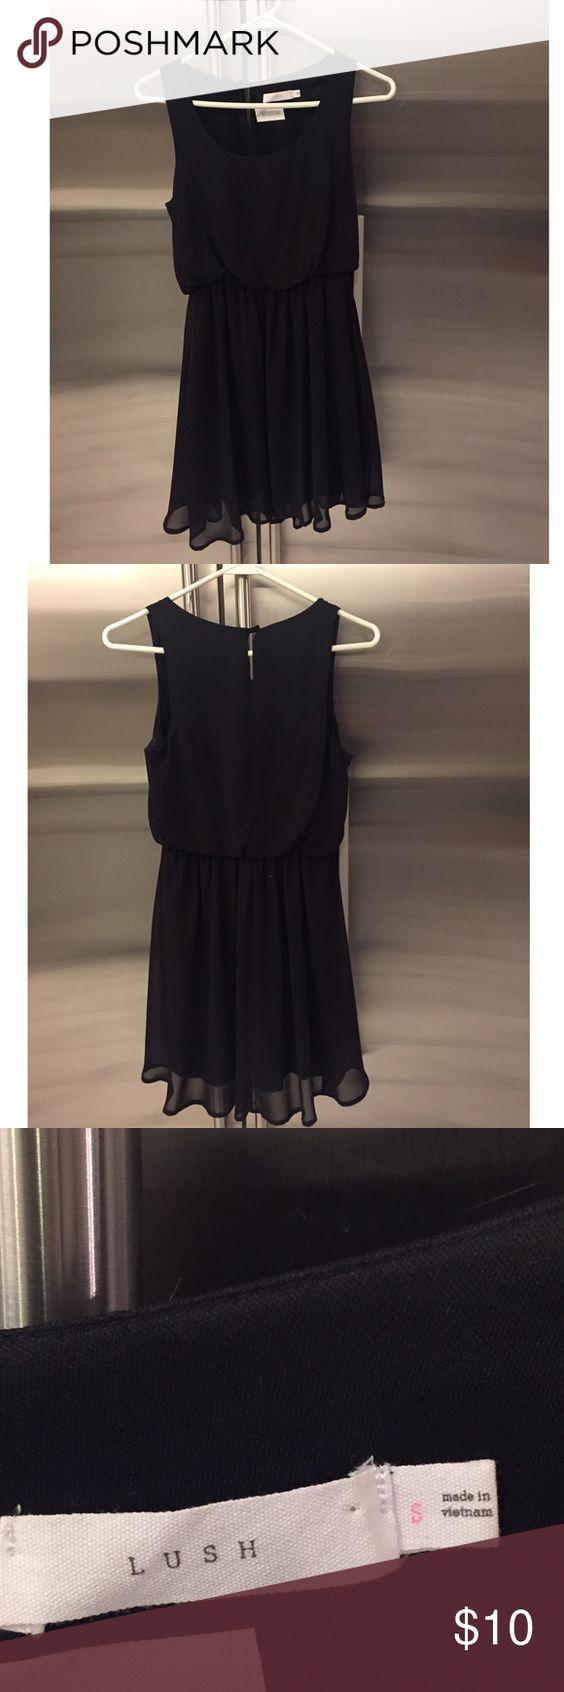 Lush size small black dress Lush size small black dress Lush Dresses Mini